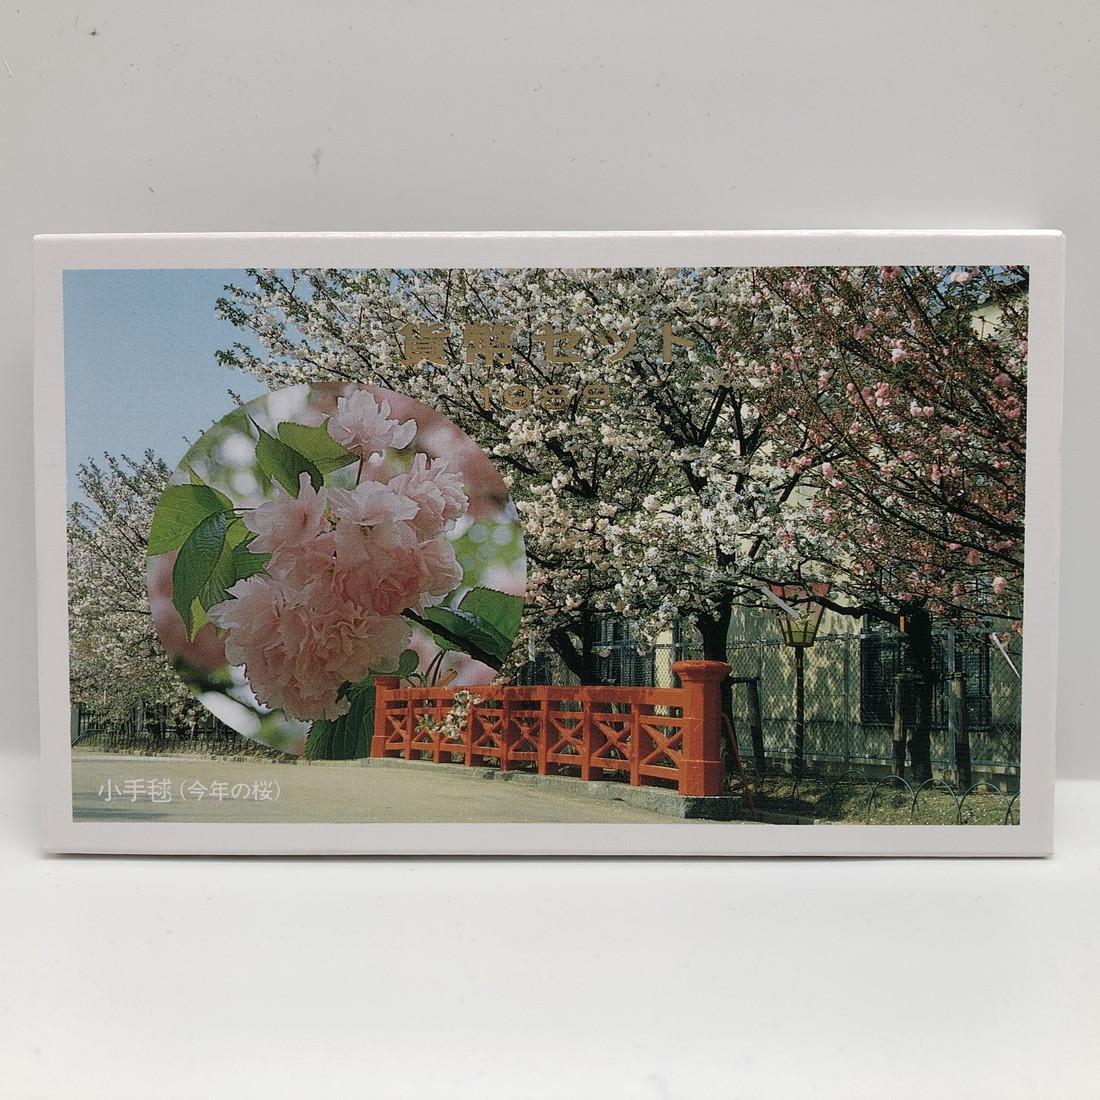 記念硬貨 記念コイン 貨幣セット ミントセット 1988年 昭和63年 ※アウトレット品 桜の通り抜け 新作アイテム毎日更新 小手毬